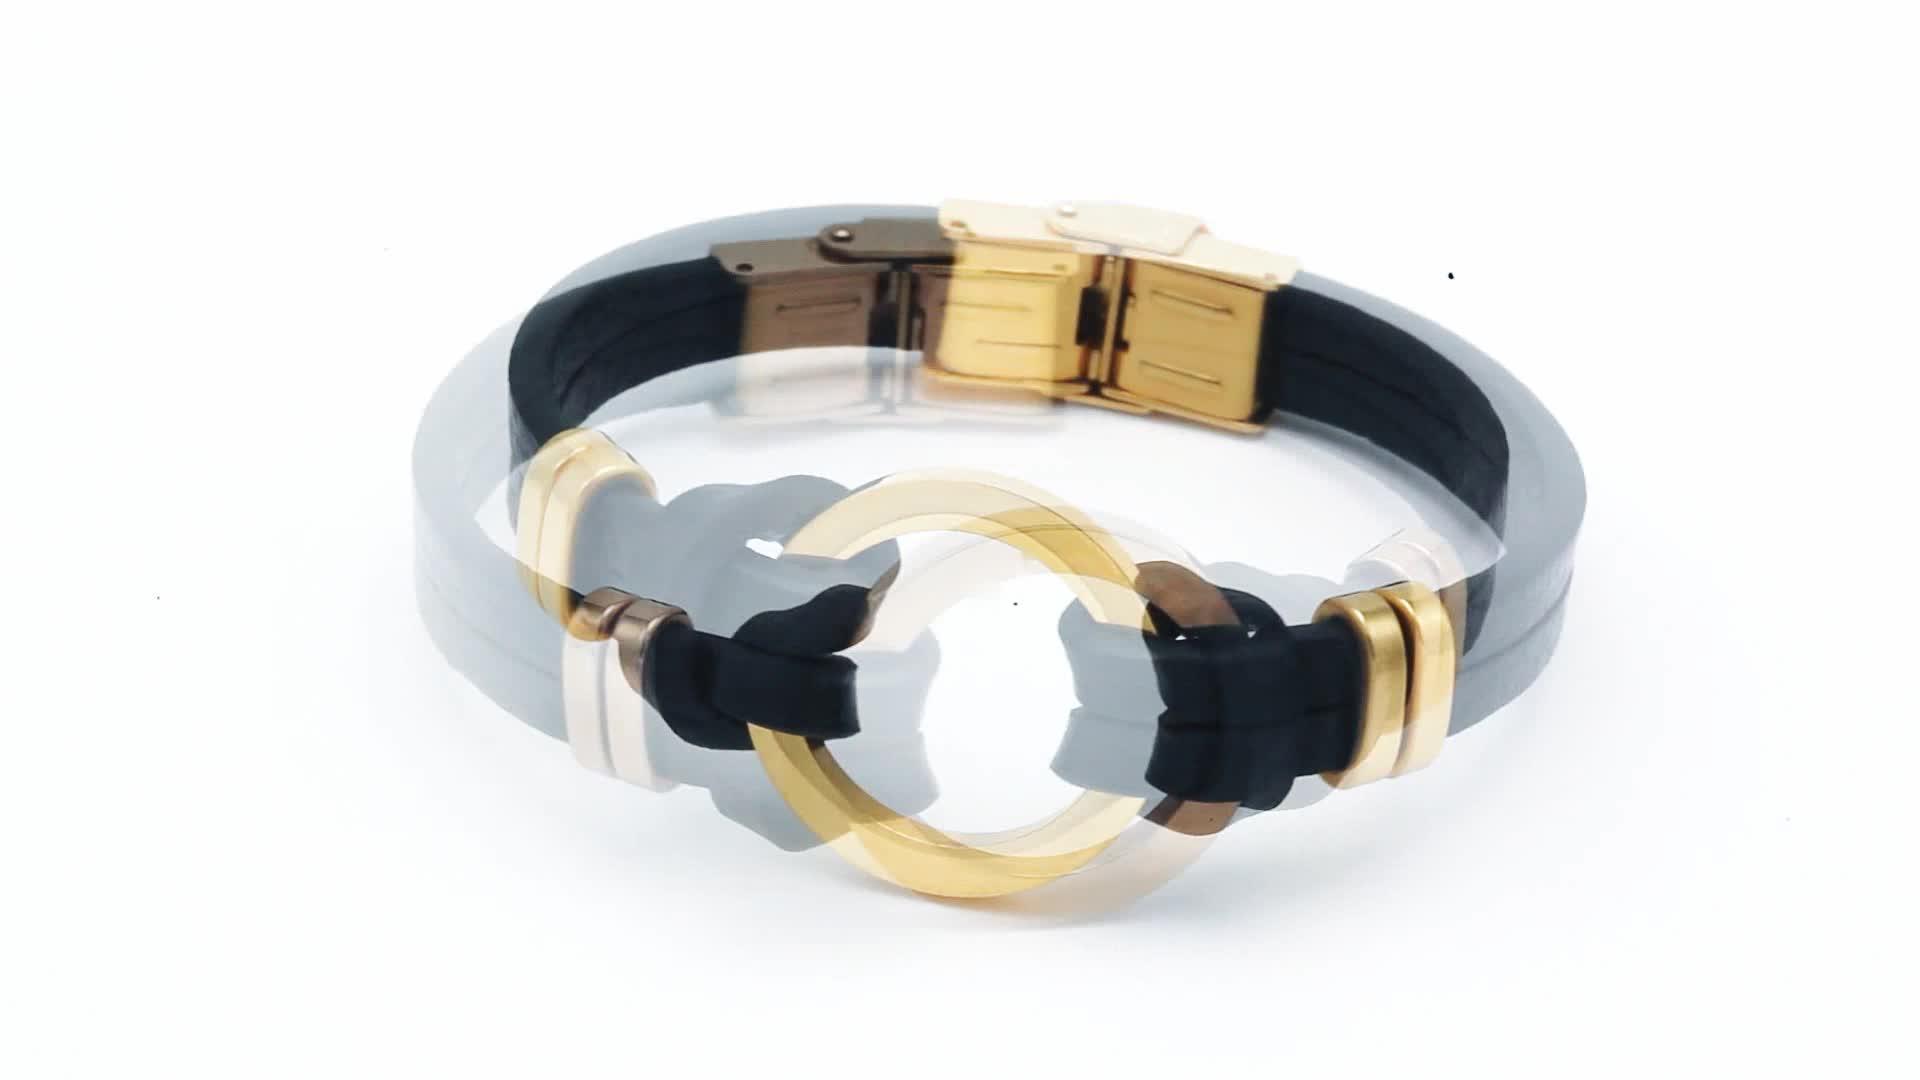 Индивидуальный логотип, модные ювелирные изделия, браслет из нержавеющей стали, магнитный браслет, мужской кожаный браслет ручной работы